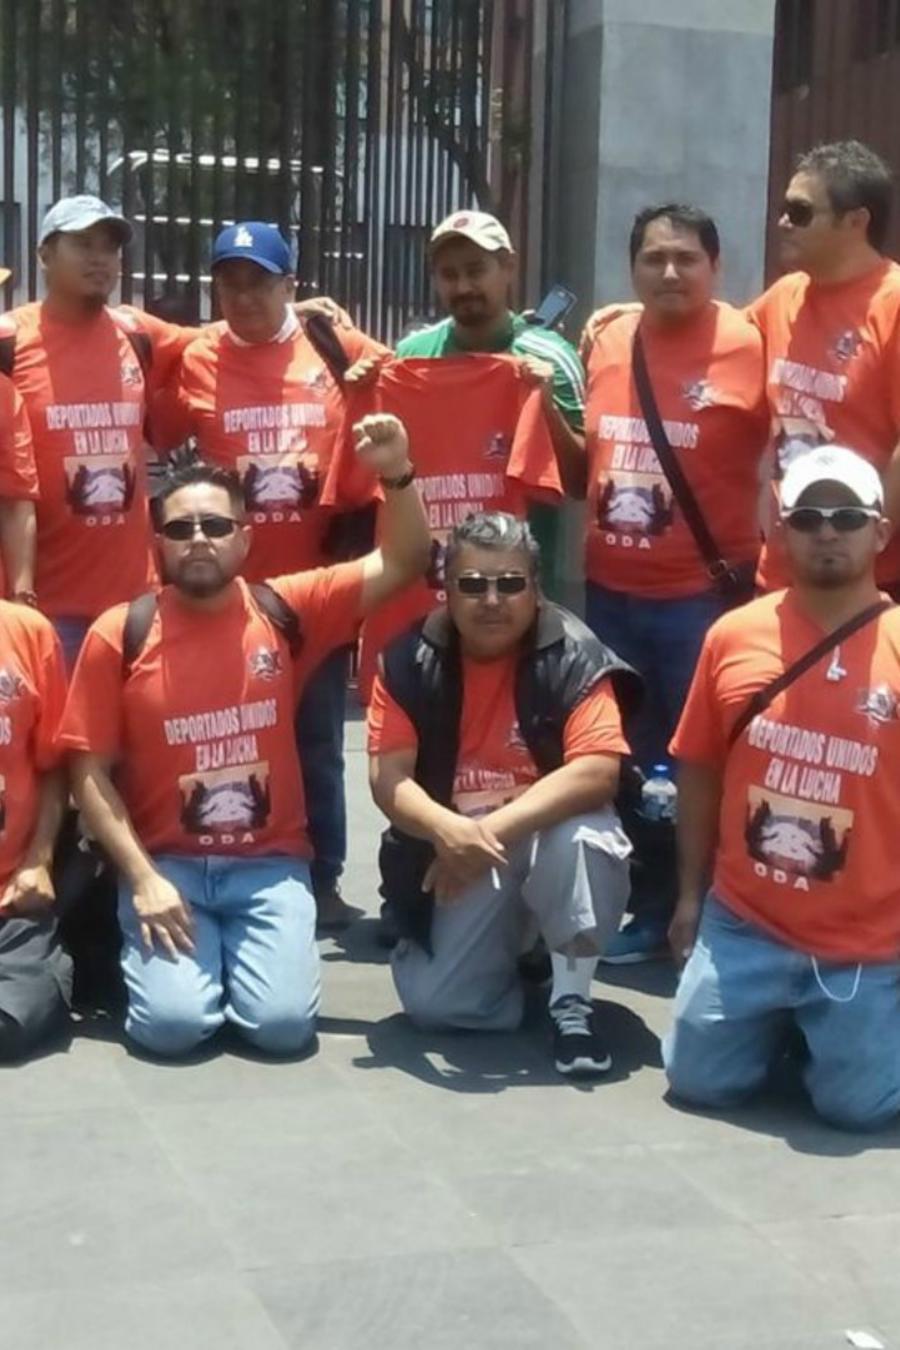 Deportados unidos en lucha, un grupo de mexicanos que apoya a compatriotas deportados